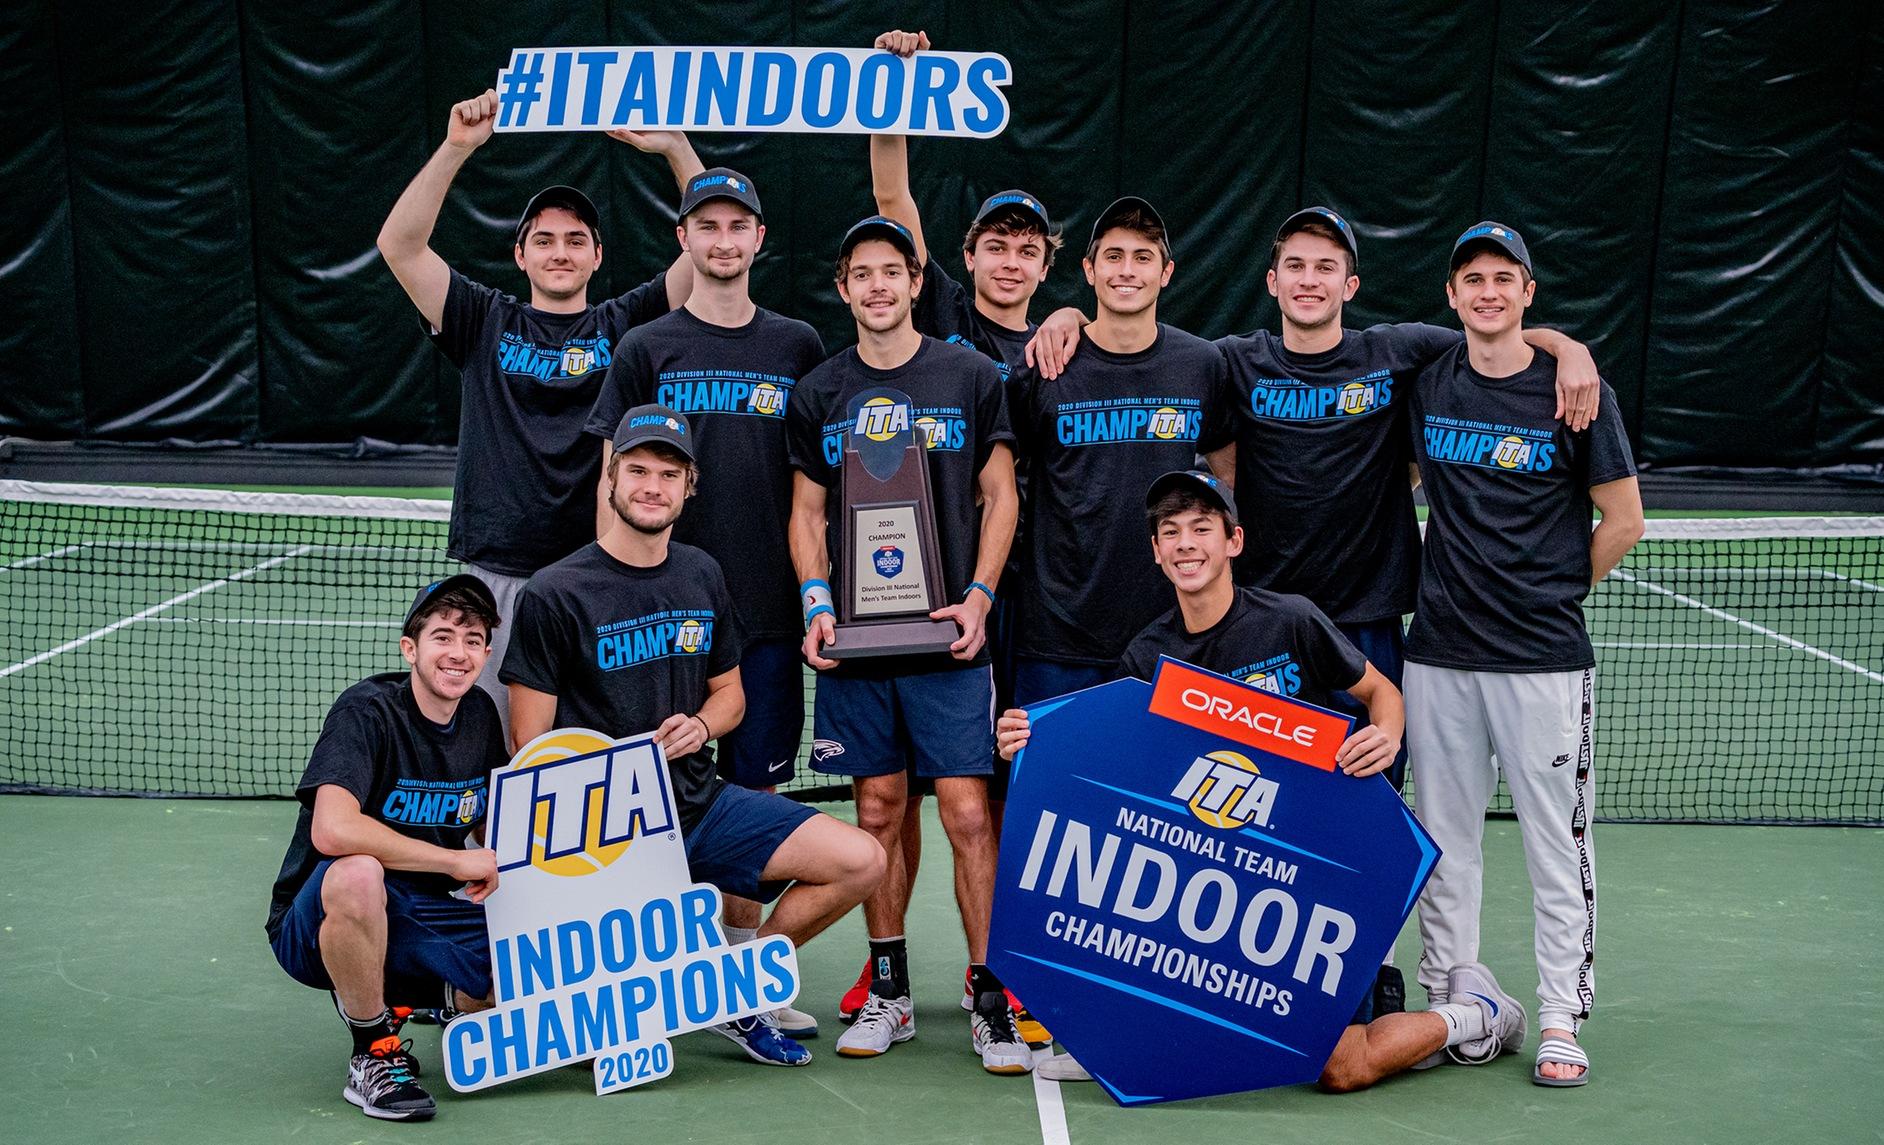 Emory Men's Tennis Defeats Claremont-Mudd-Scripps To Win ITA National Indoor Tirle